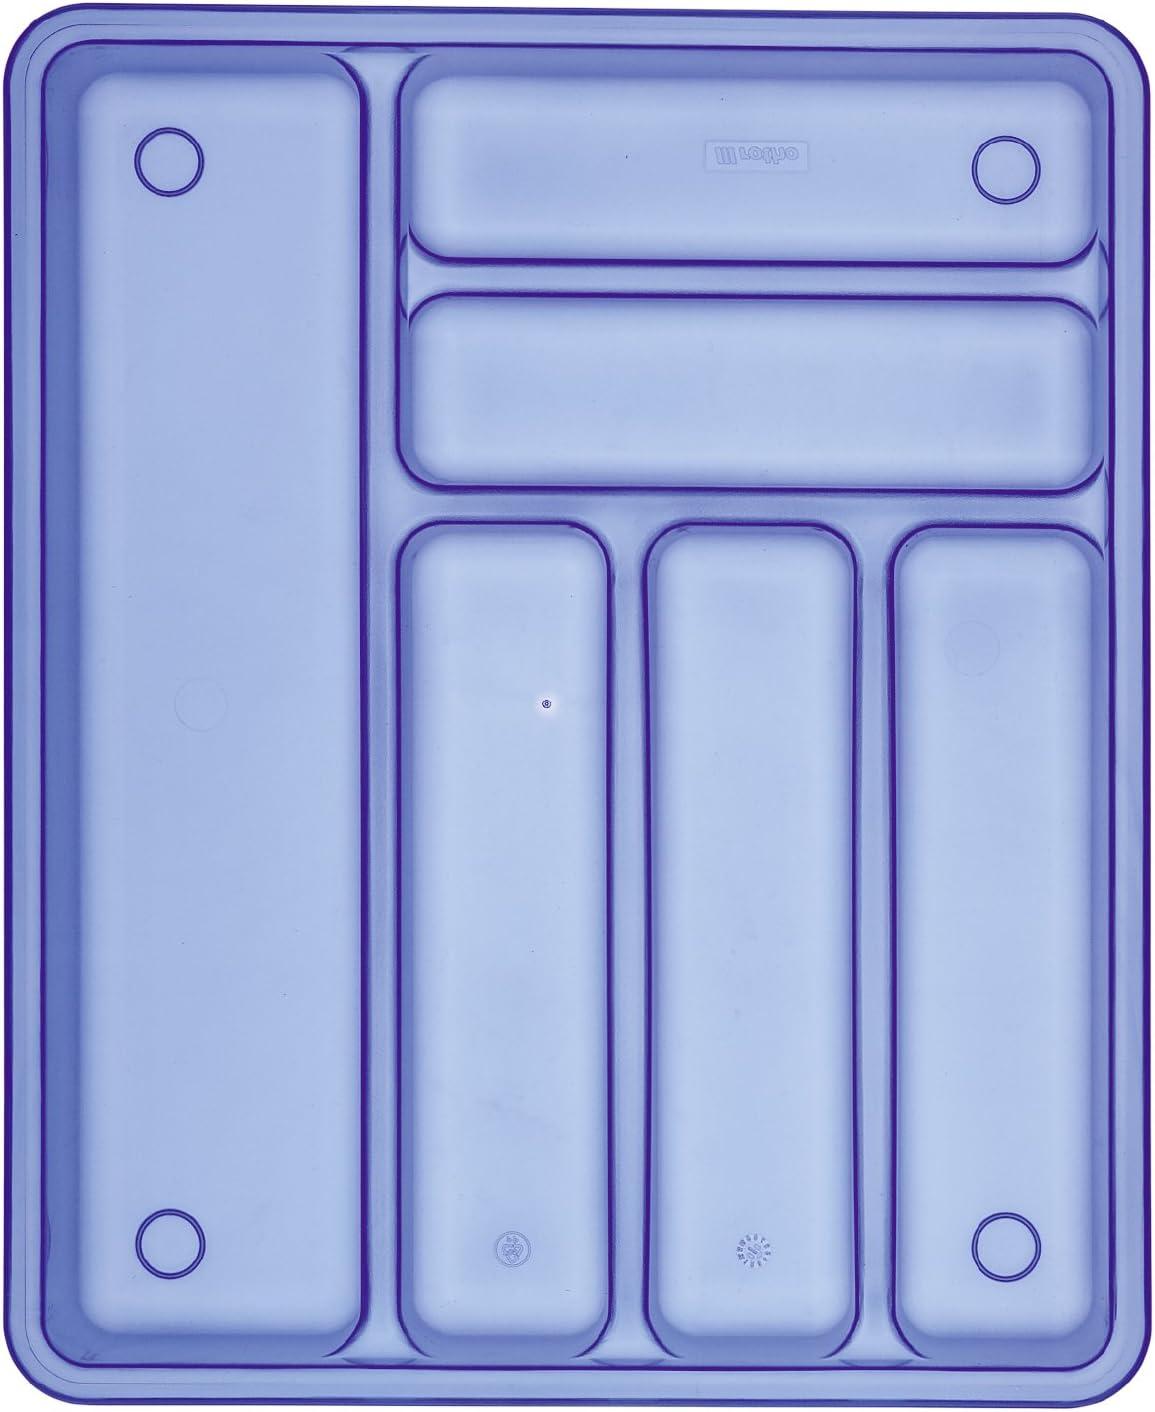 Schubladeneinsatz f/ür Besteck aus Kunststoff Besteckeinsatz f/ür Schubladen ab 40 cm Breite PP 39 x 32 x 5 cm blau Rotho Besteckkasten BASIC 6 F/ächer ca